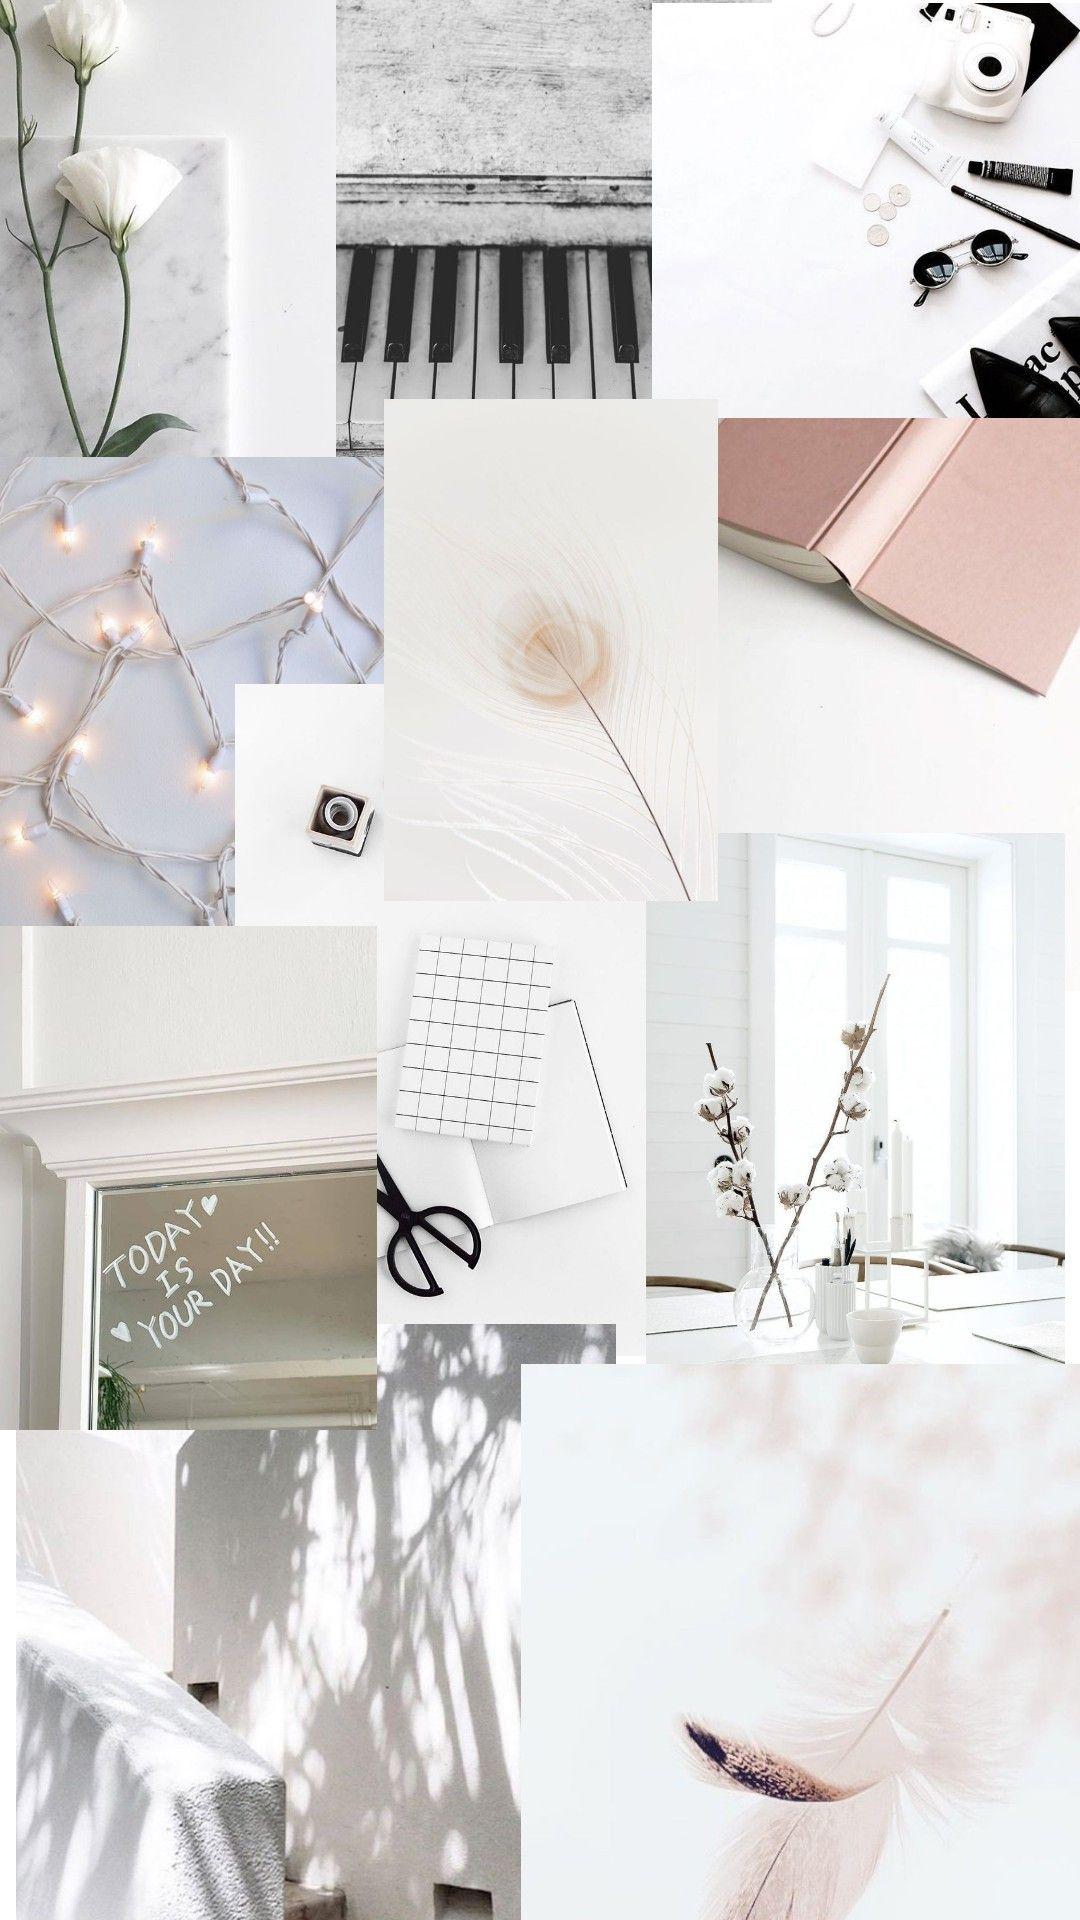 Pin By Stefani G On Wallpaper White Black Aesthetic Wallpaper Aesthetic Iphone Wallpaper Iphone Wallpaper Tumblr Aesthetic